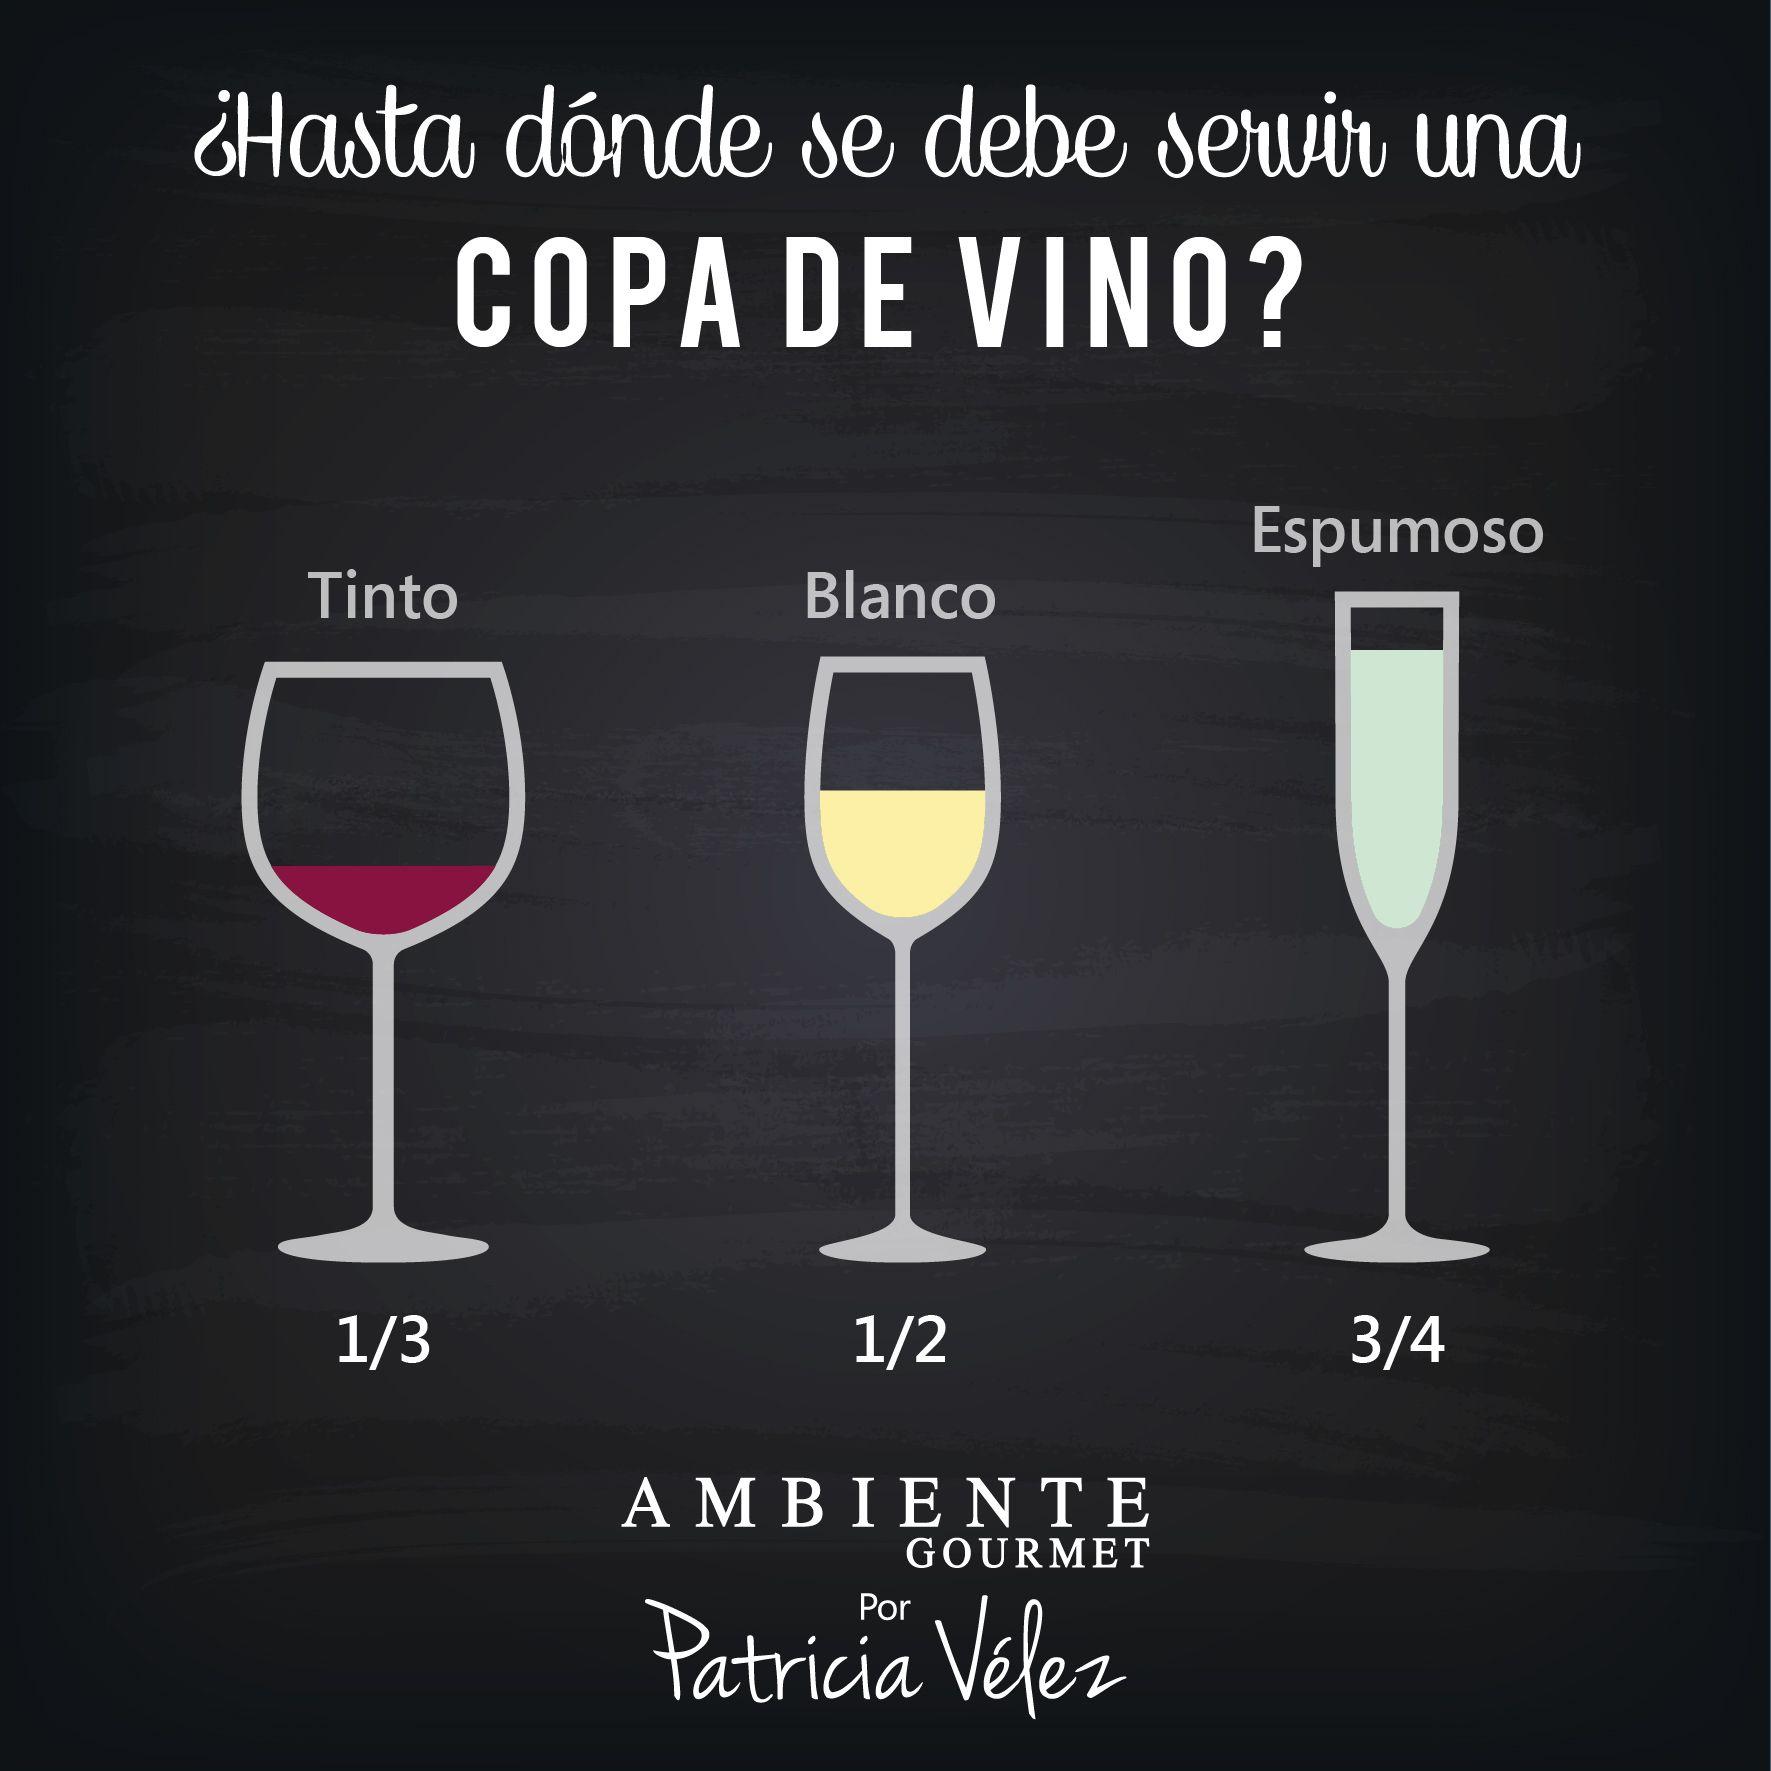 Aprende A Servir El Vino Como Todo Un Experto Comida Y Vino Vinos Y Quesos Recetas Alcohol